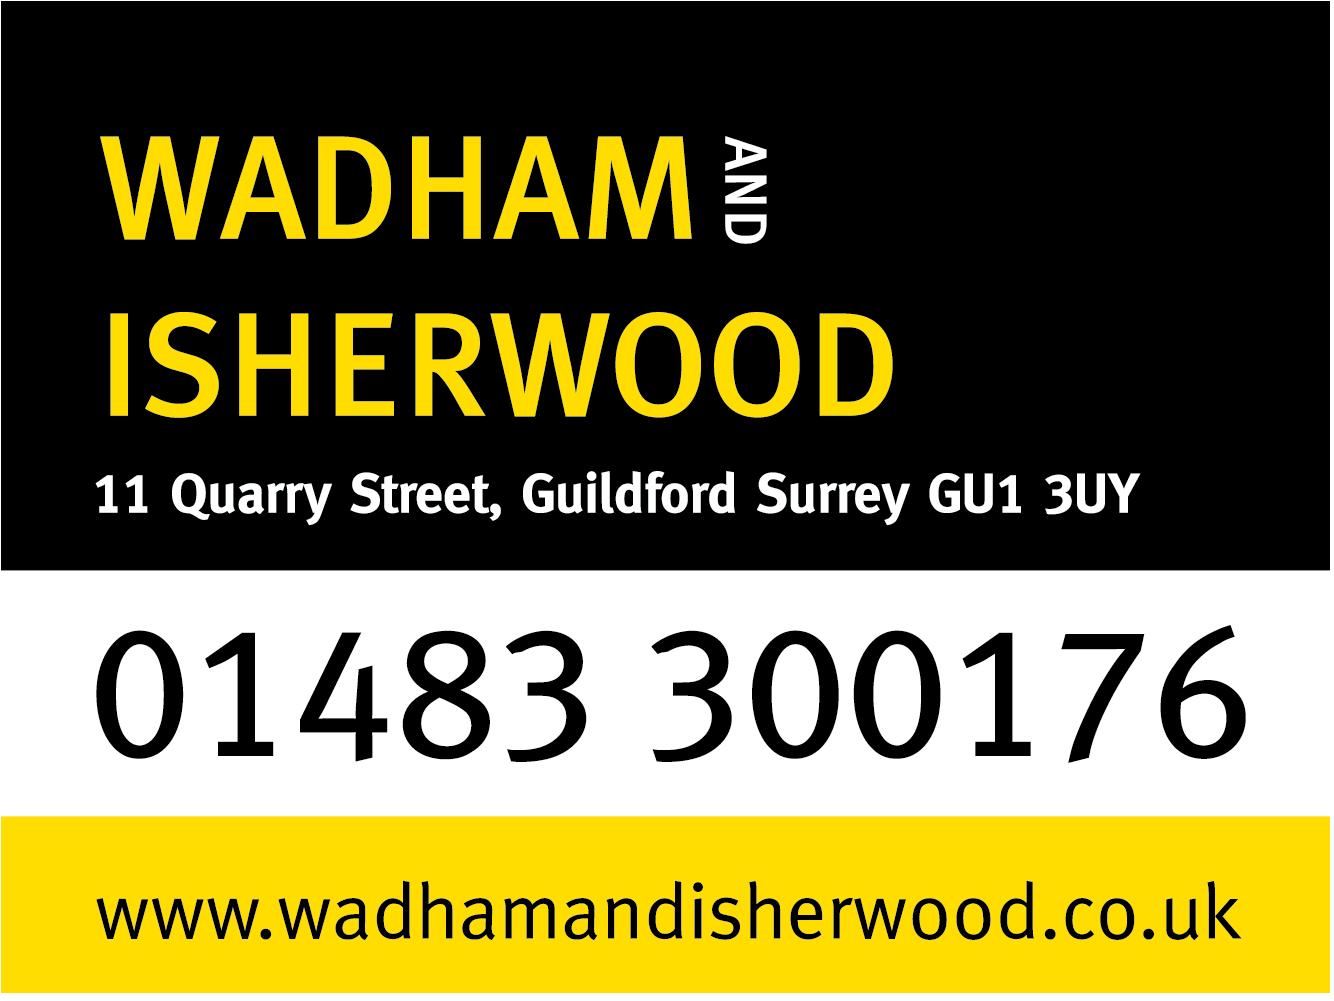 wadham and isherwood logo block